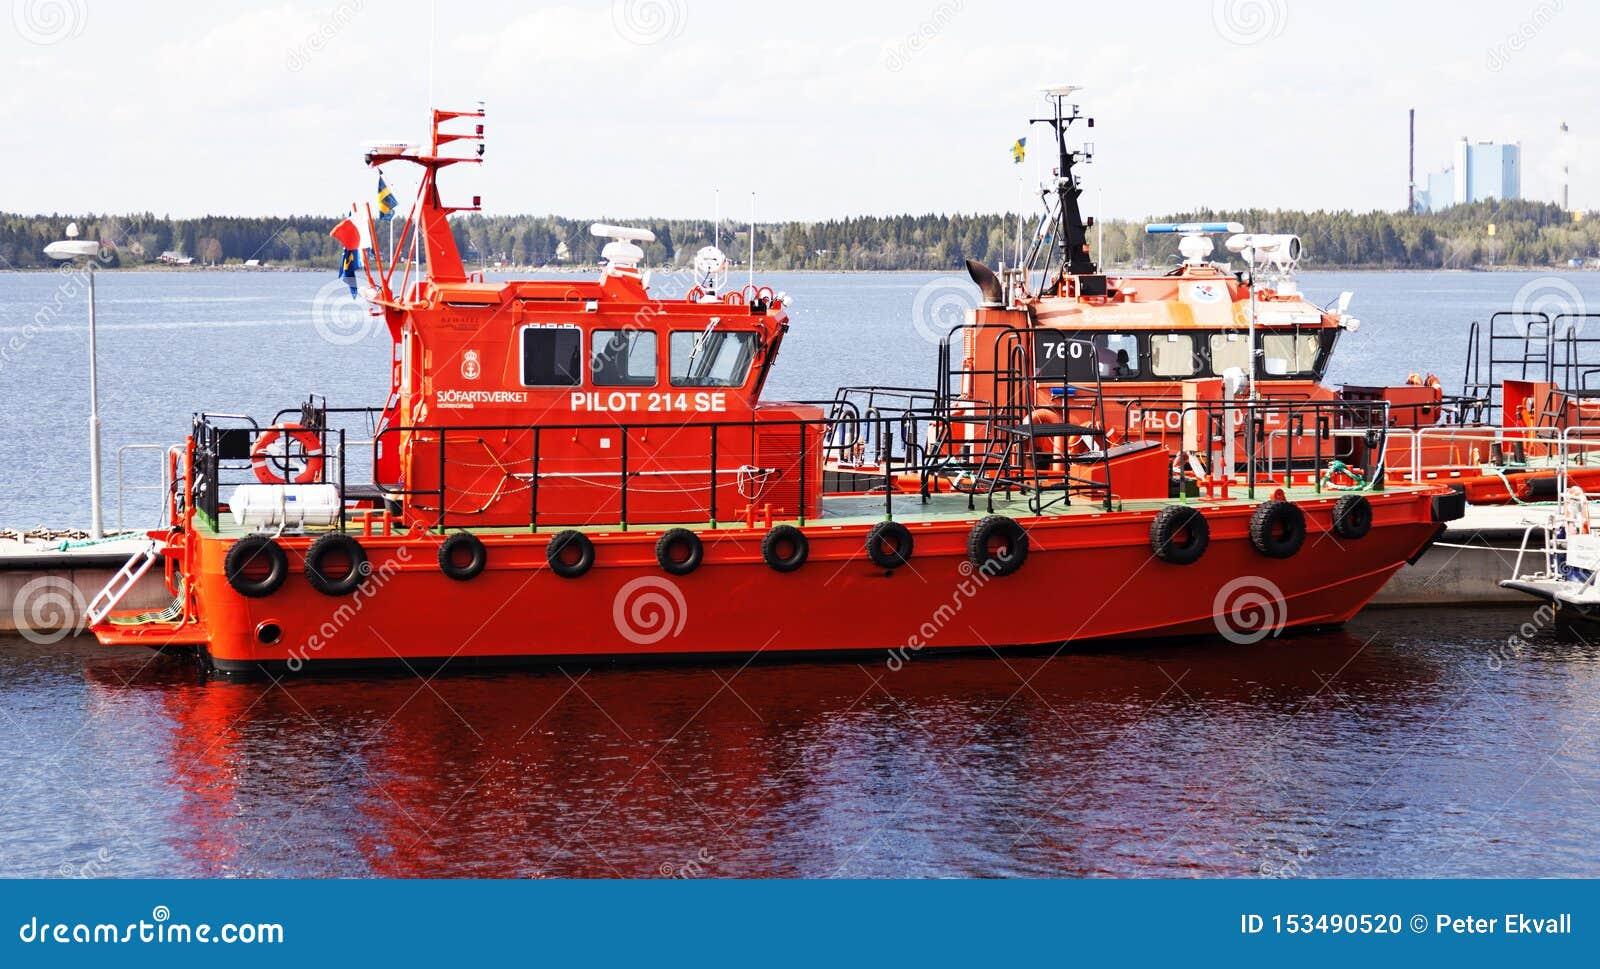 飞行员和海在任务的救助艇